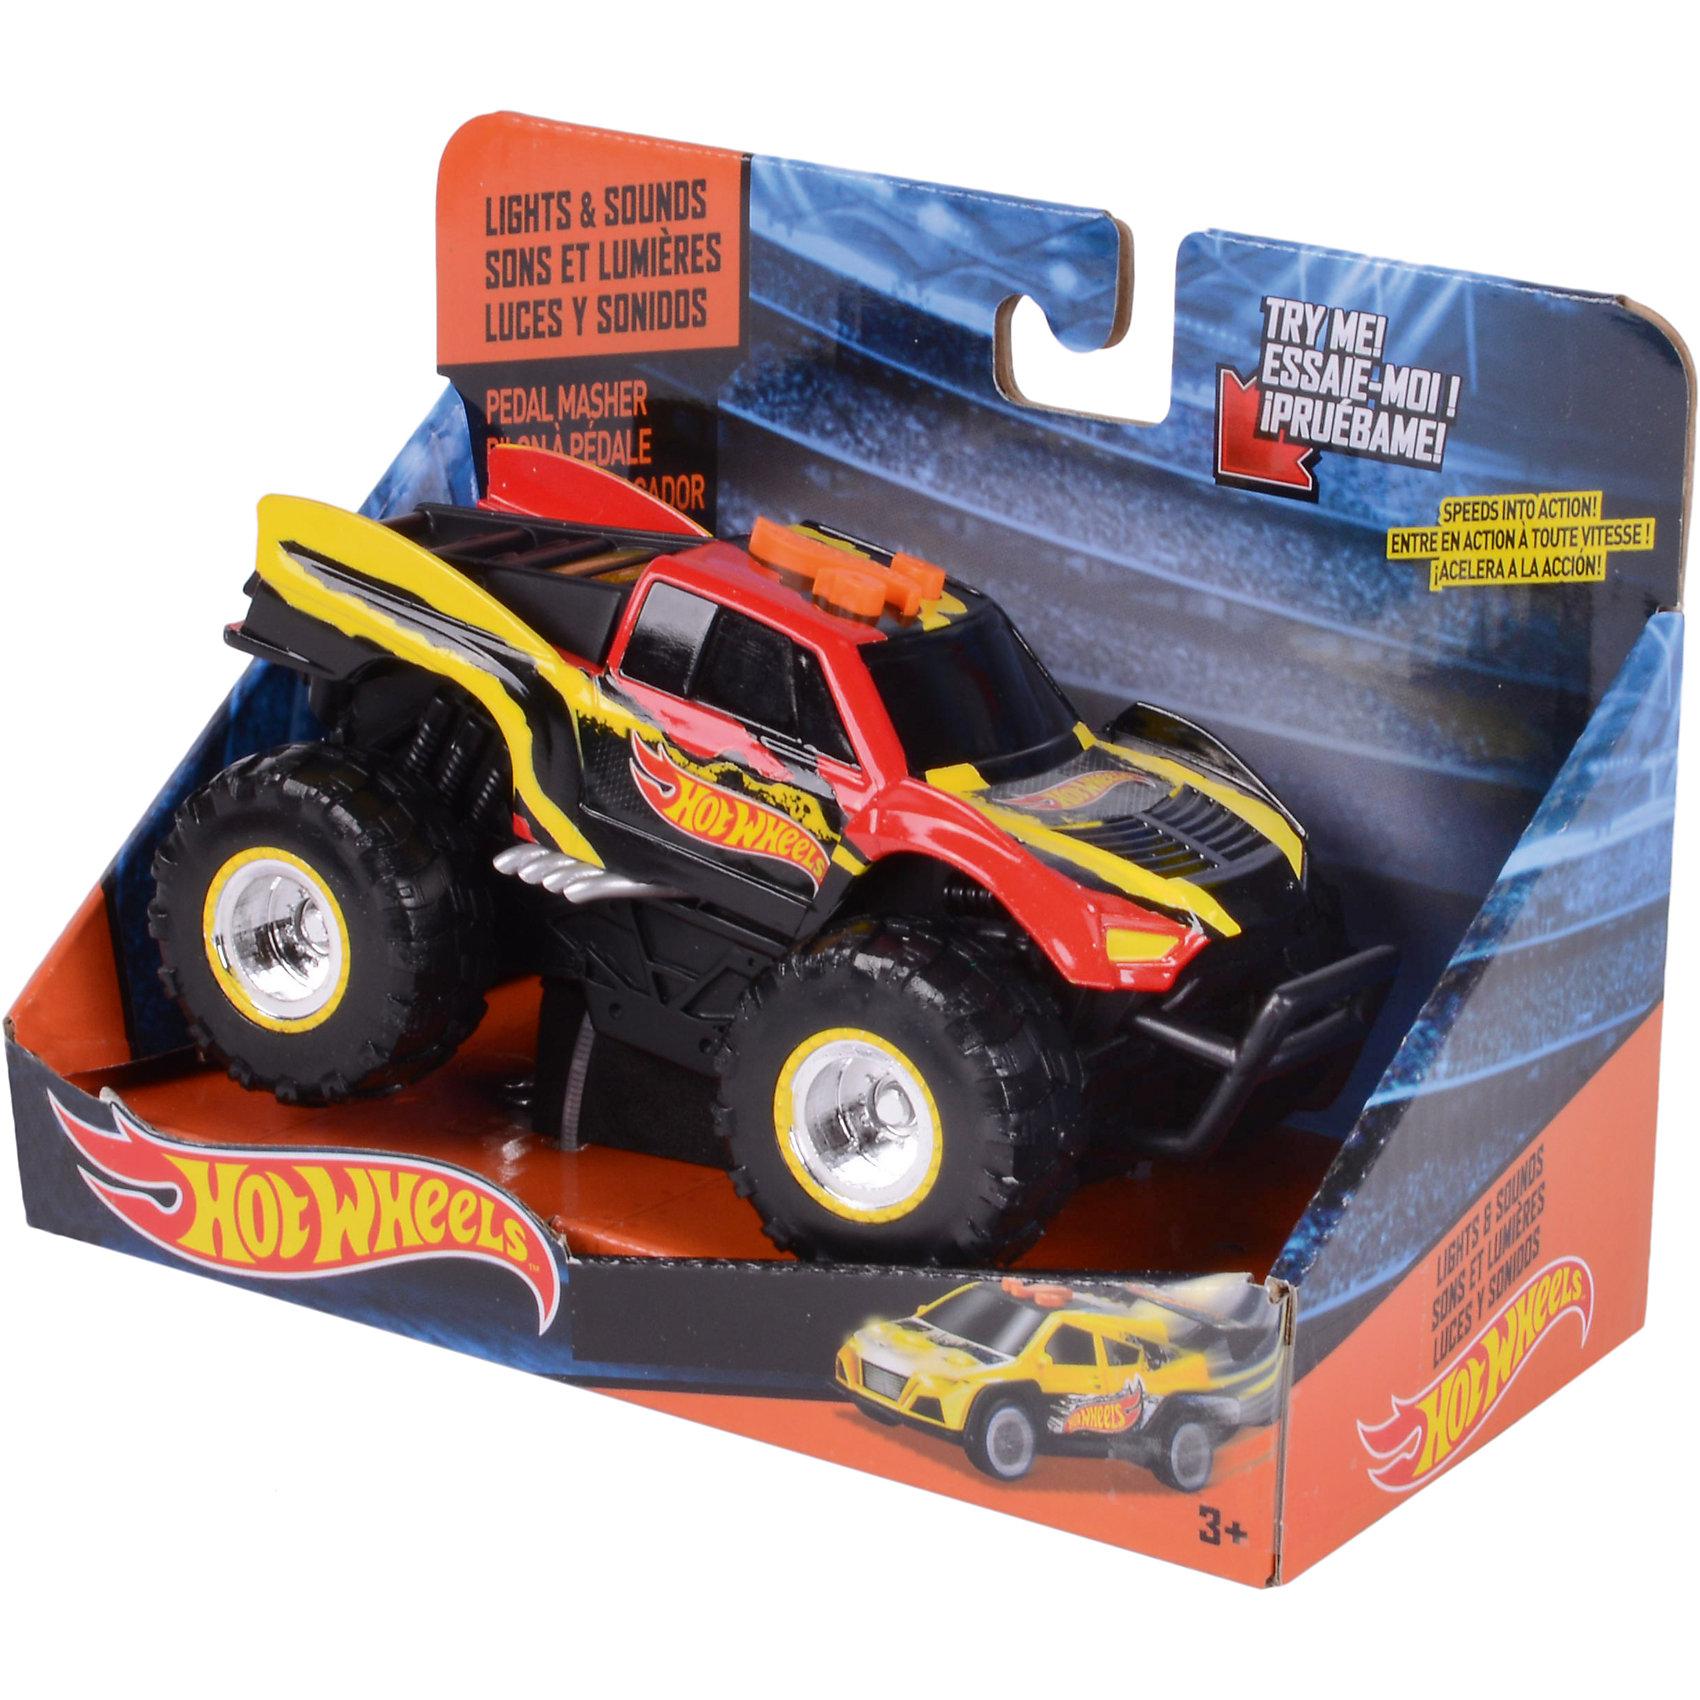 Электромеханическая машинка, красно-жёлтая, 14 см, Hot WheelsХарактеристики товара:<br><br>- цвет: красно-желтый;<br>- материал: пластик, металл;<br>- особенности:электромеханическая, со звуковыми и световыми эффектами;<br>- вес: 250 г;<br>- размер упаковки: 9х13х18;<br>- батарейки 3хААA;<br>- размер машинки: 14 см.<br><br>Какой мальчишка откажется поиграть с машинкой Hot Wheels, которая выглядит как настоящая?! Машинка очень эффектно смотрится, она запускается нажатием кнопки. Игрушка отлично детализирована, очень качественно выполнена, поэтому она станет отличным подарком ребенку. Продается в красивой упаковке.<br>Изделия произведены из высококачественного материала, безопасного для детей.<br><br>Электромеханическую машинку Hot Wheels можно купить в нашем интернет-магазине.<br><br>Ширина мм: 89<br>Глубина мм: 127<br>Высота мм: 178<br>Вес г: 245<br>Возраст от месяцев: 36<br>Возраст до месяцев: 2147483647<br>Пол: Мужской<br>Возраст: Детский<br>SKU: 5066709